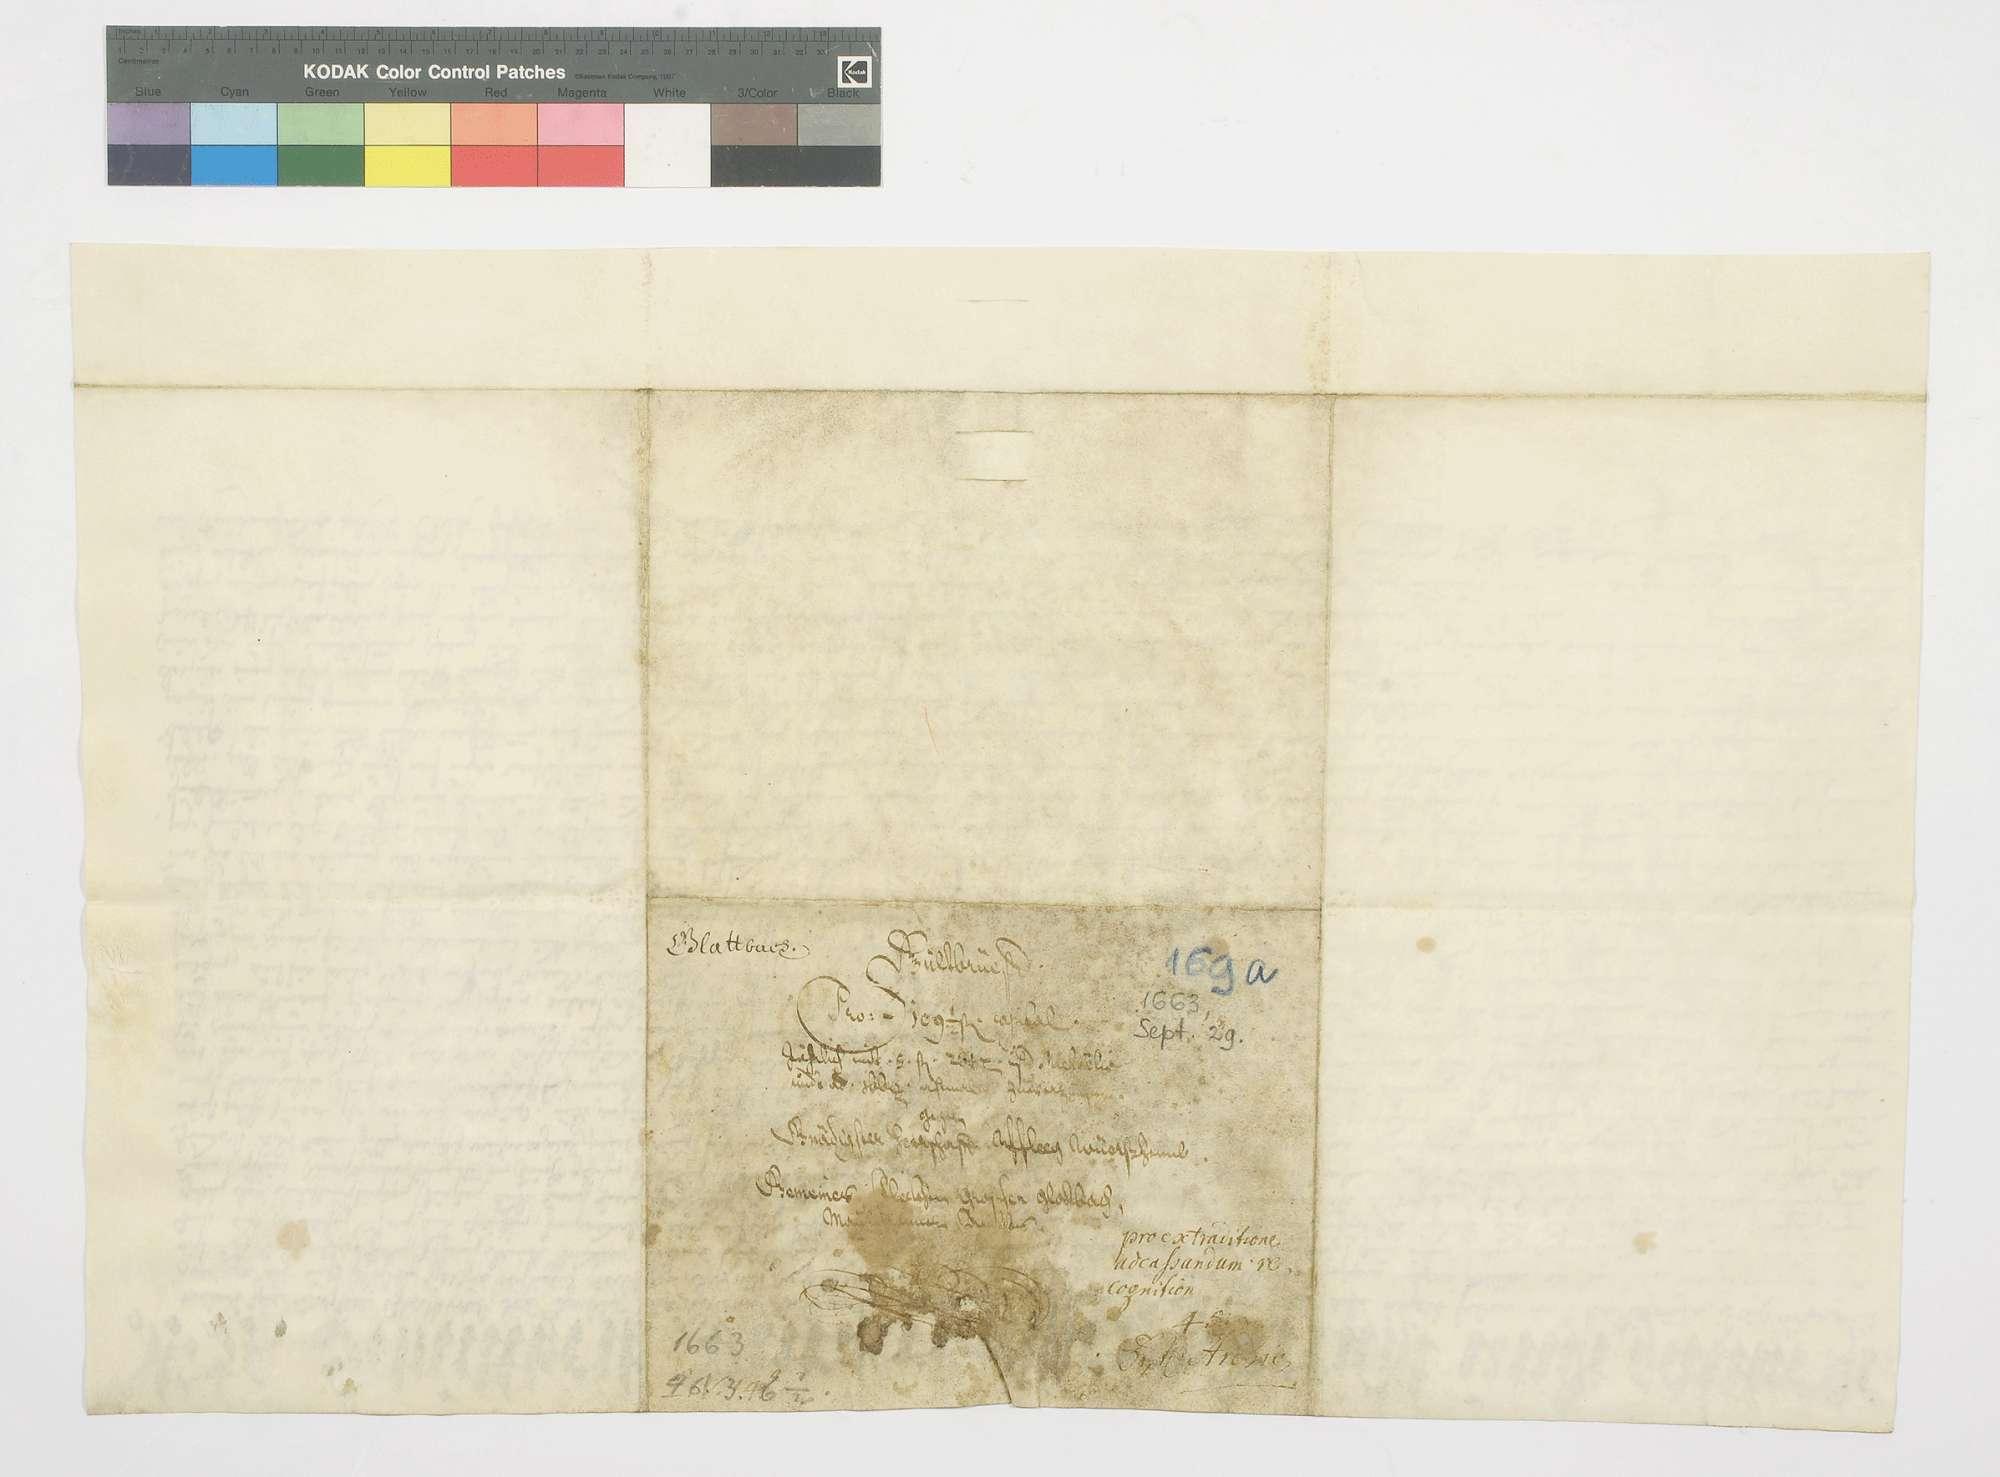 Schuldbrief der Gemeinde Glattbach für das herzogliche Amt Wiernsheim über 109 Gulden 30 Kreuzer Kapital, für welches der Gemeindewald Lüchthölzlein verpfändet wird., Bild 2